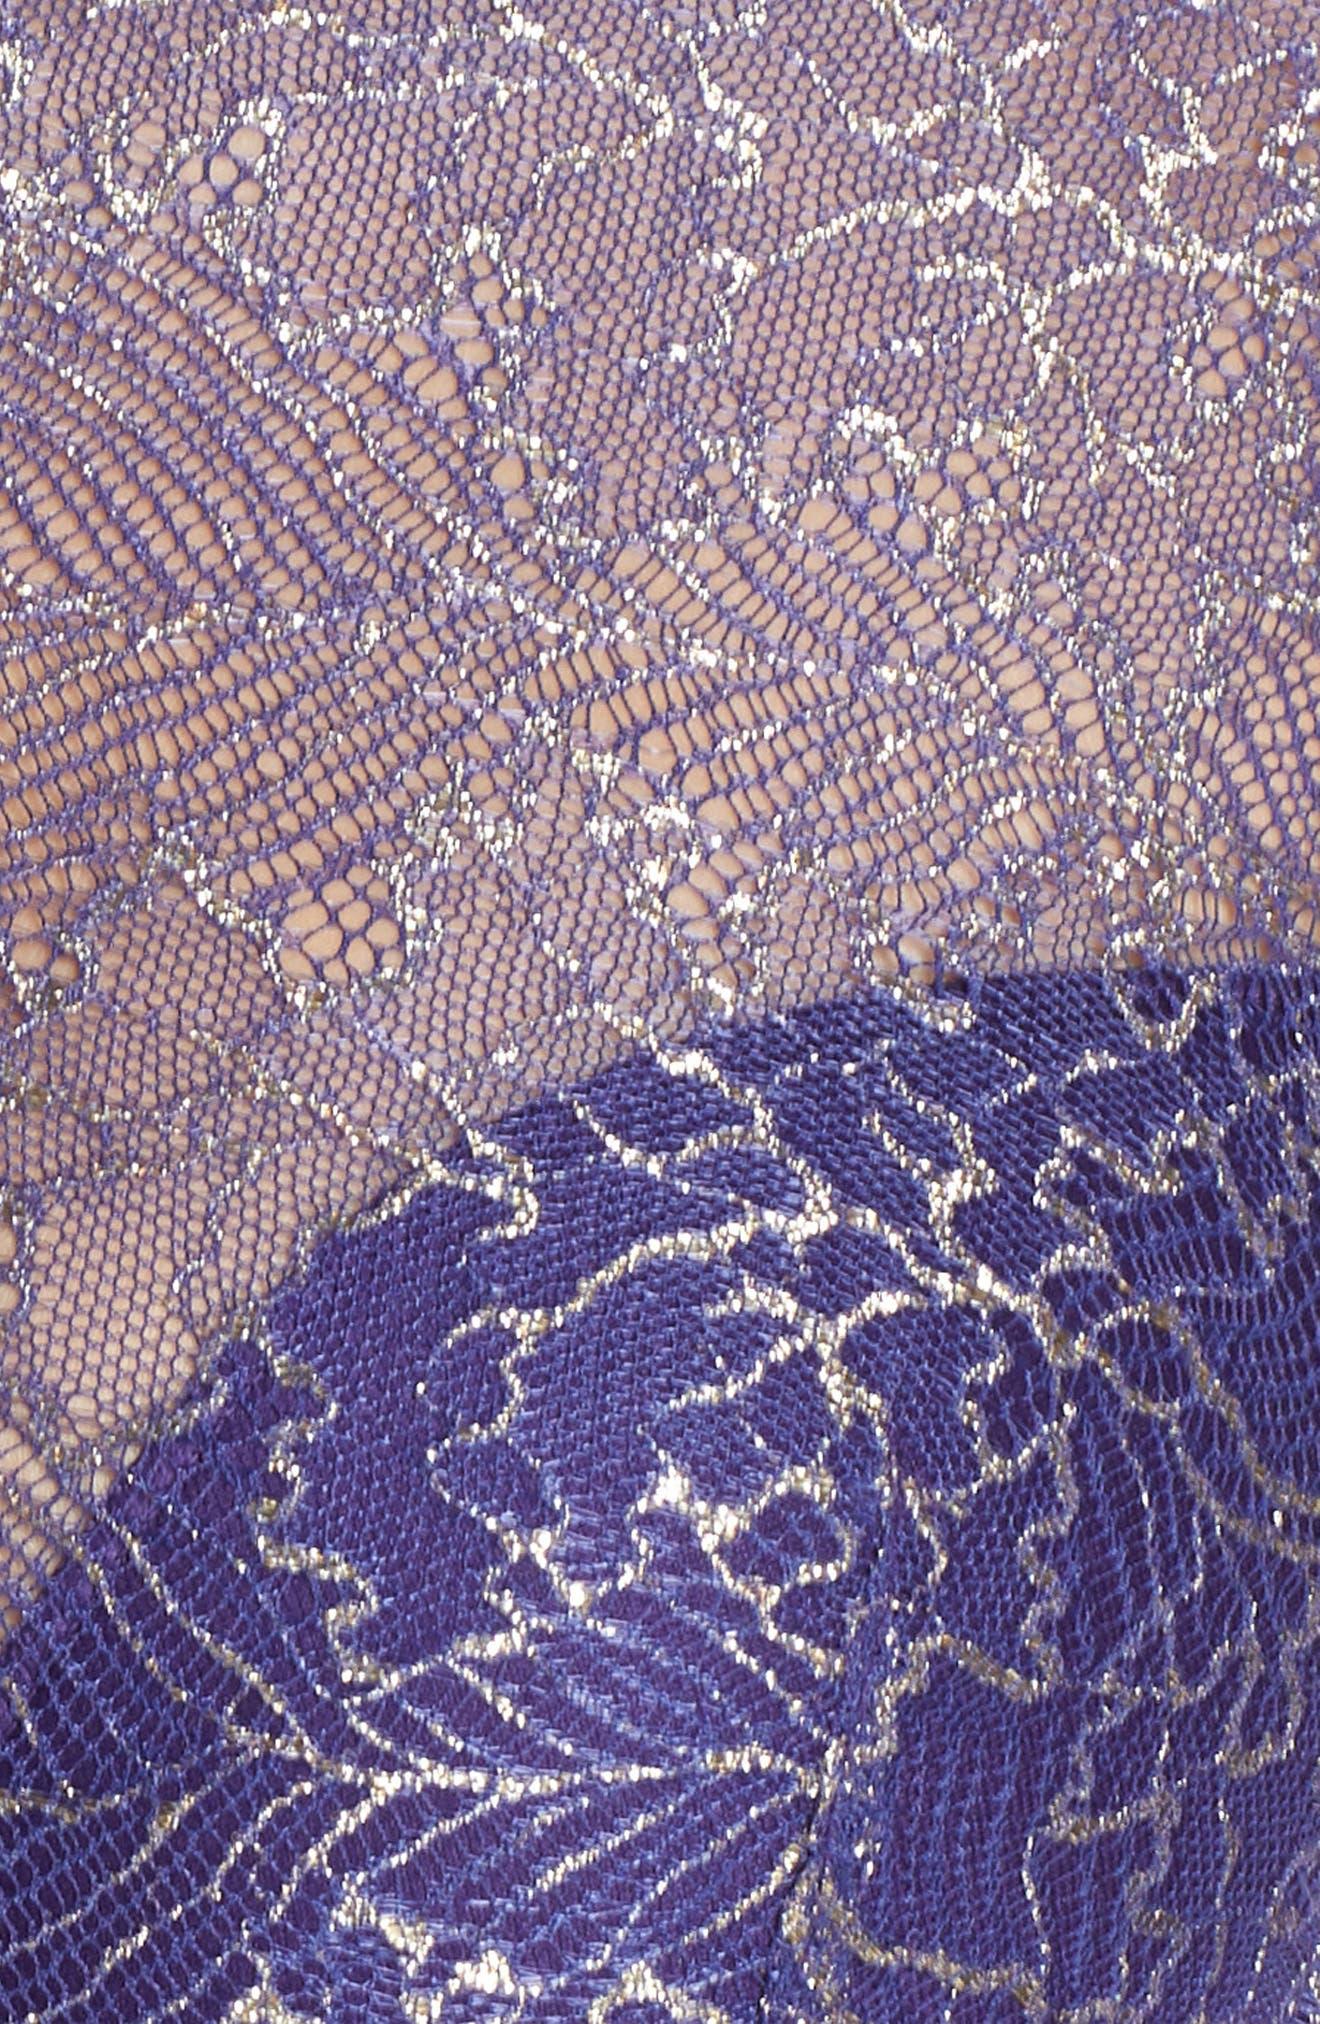 Lace Bralette,                             Alternate thumbnail 6, color,                             PARACHUTE PURPLE LUREX